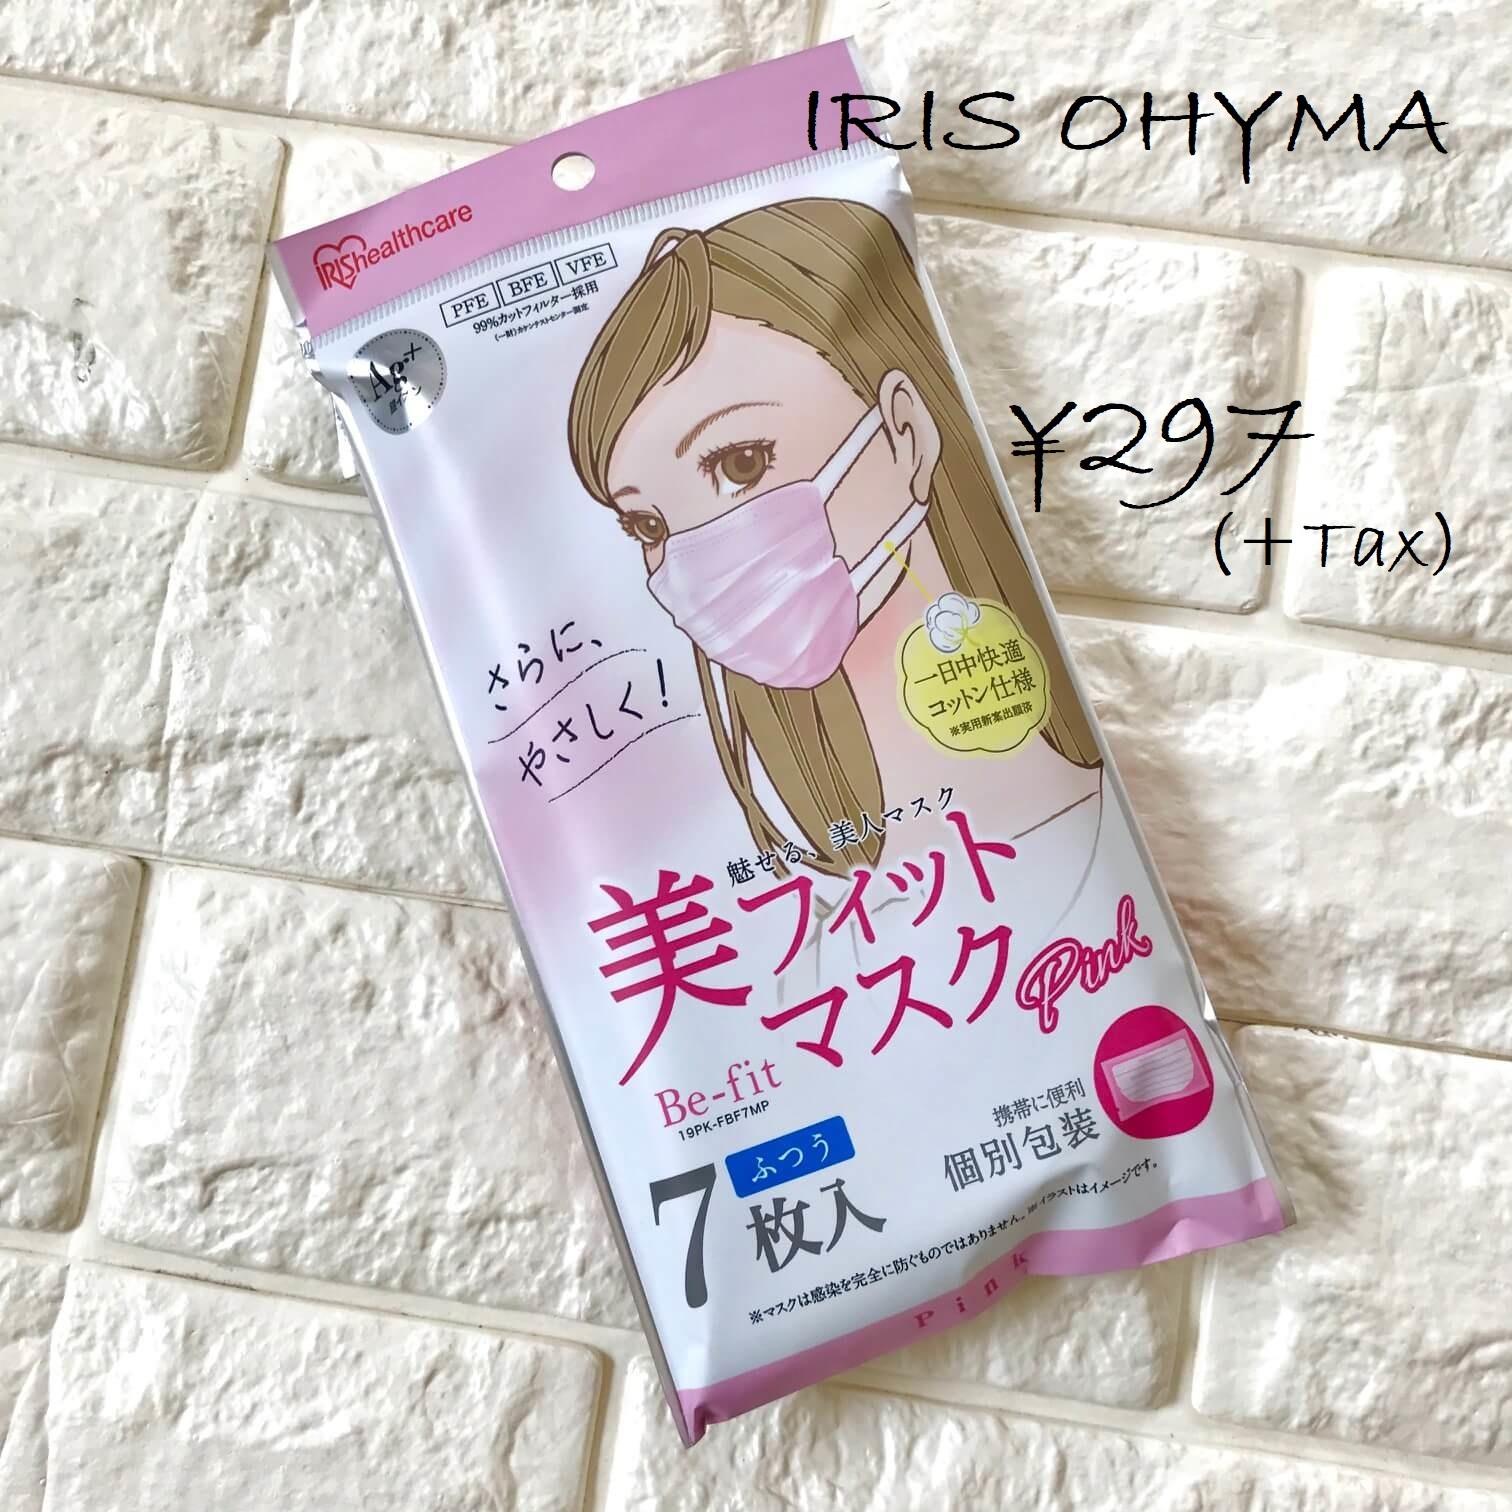 アイリスオーヤマのマスク画像